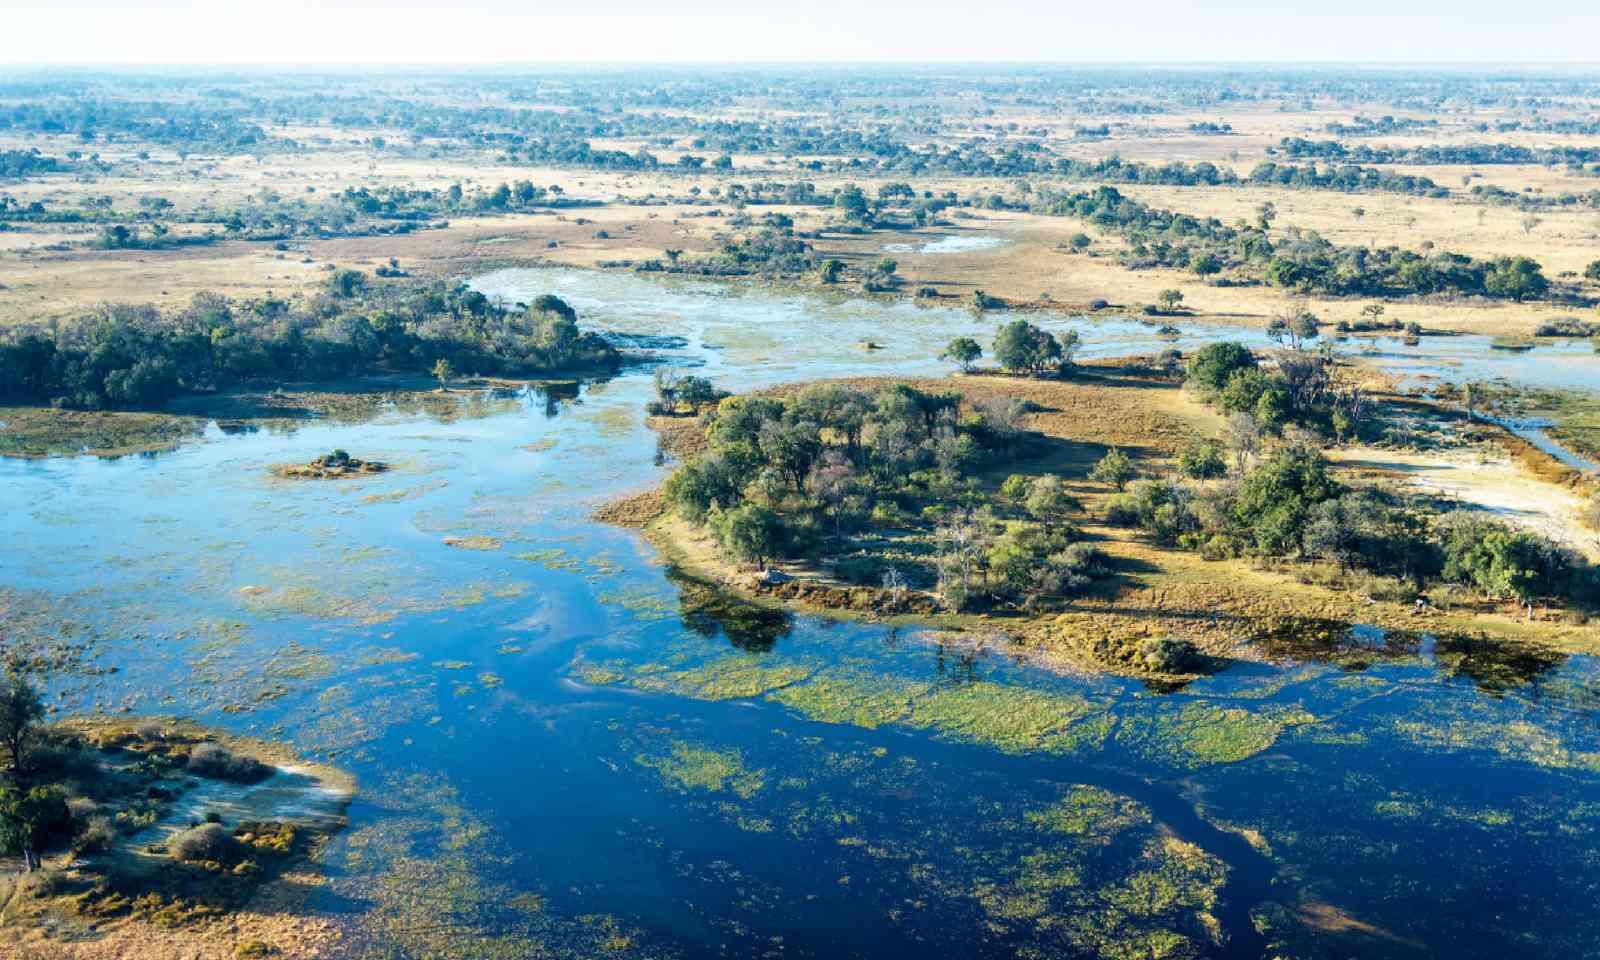 Okavango Delta aerial view (Shutterstock)